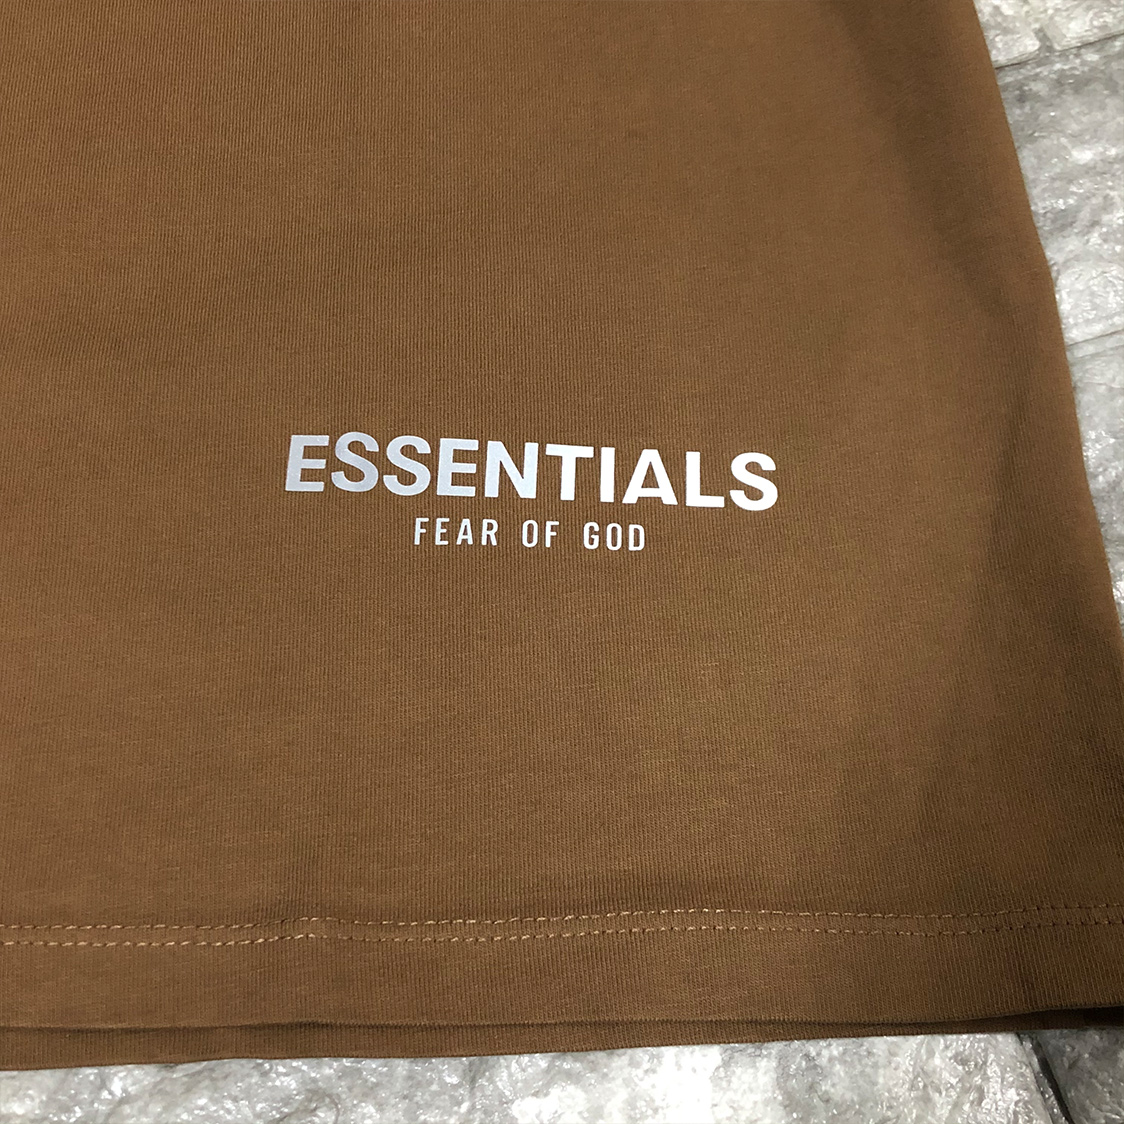 新品 Fear Of God Essentials フェアオブゴッド エッセンシャルズ 【Sサイズ】 ロゴ コア Tシャツ タン ブラウン FOG